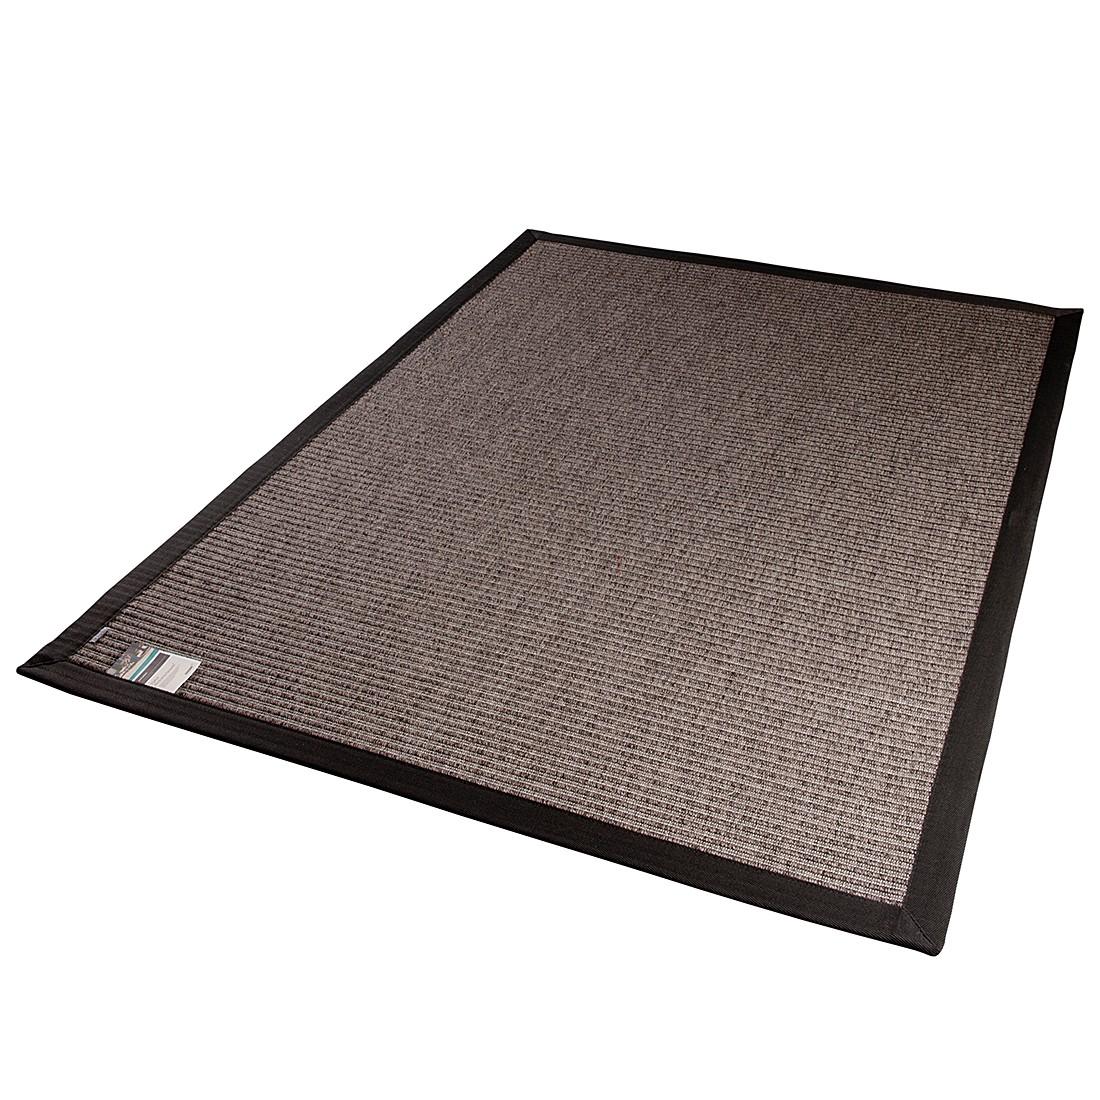 In-/Outdoorteppich Naturino Tweed – Anthrazit – 170 x 230 cm, DEKOWE online kaufen